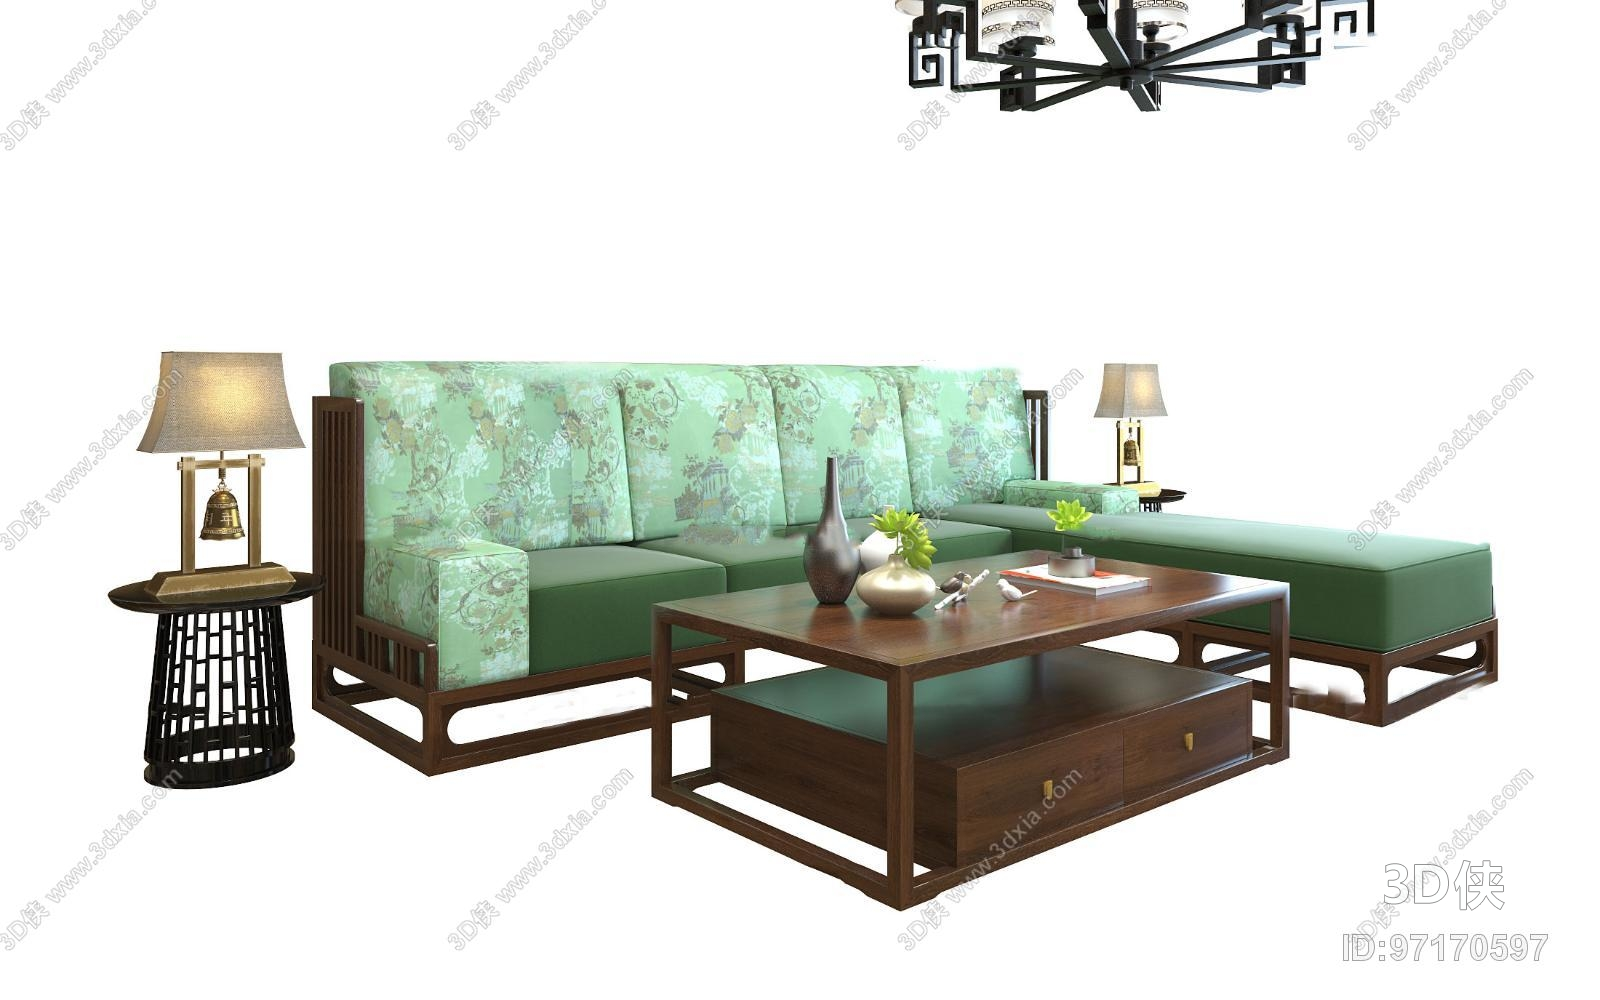 新中式转角沙发茶几圆几组合3d模型【id:97170597】图片